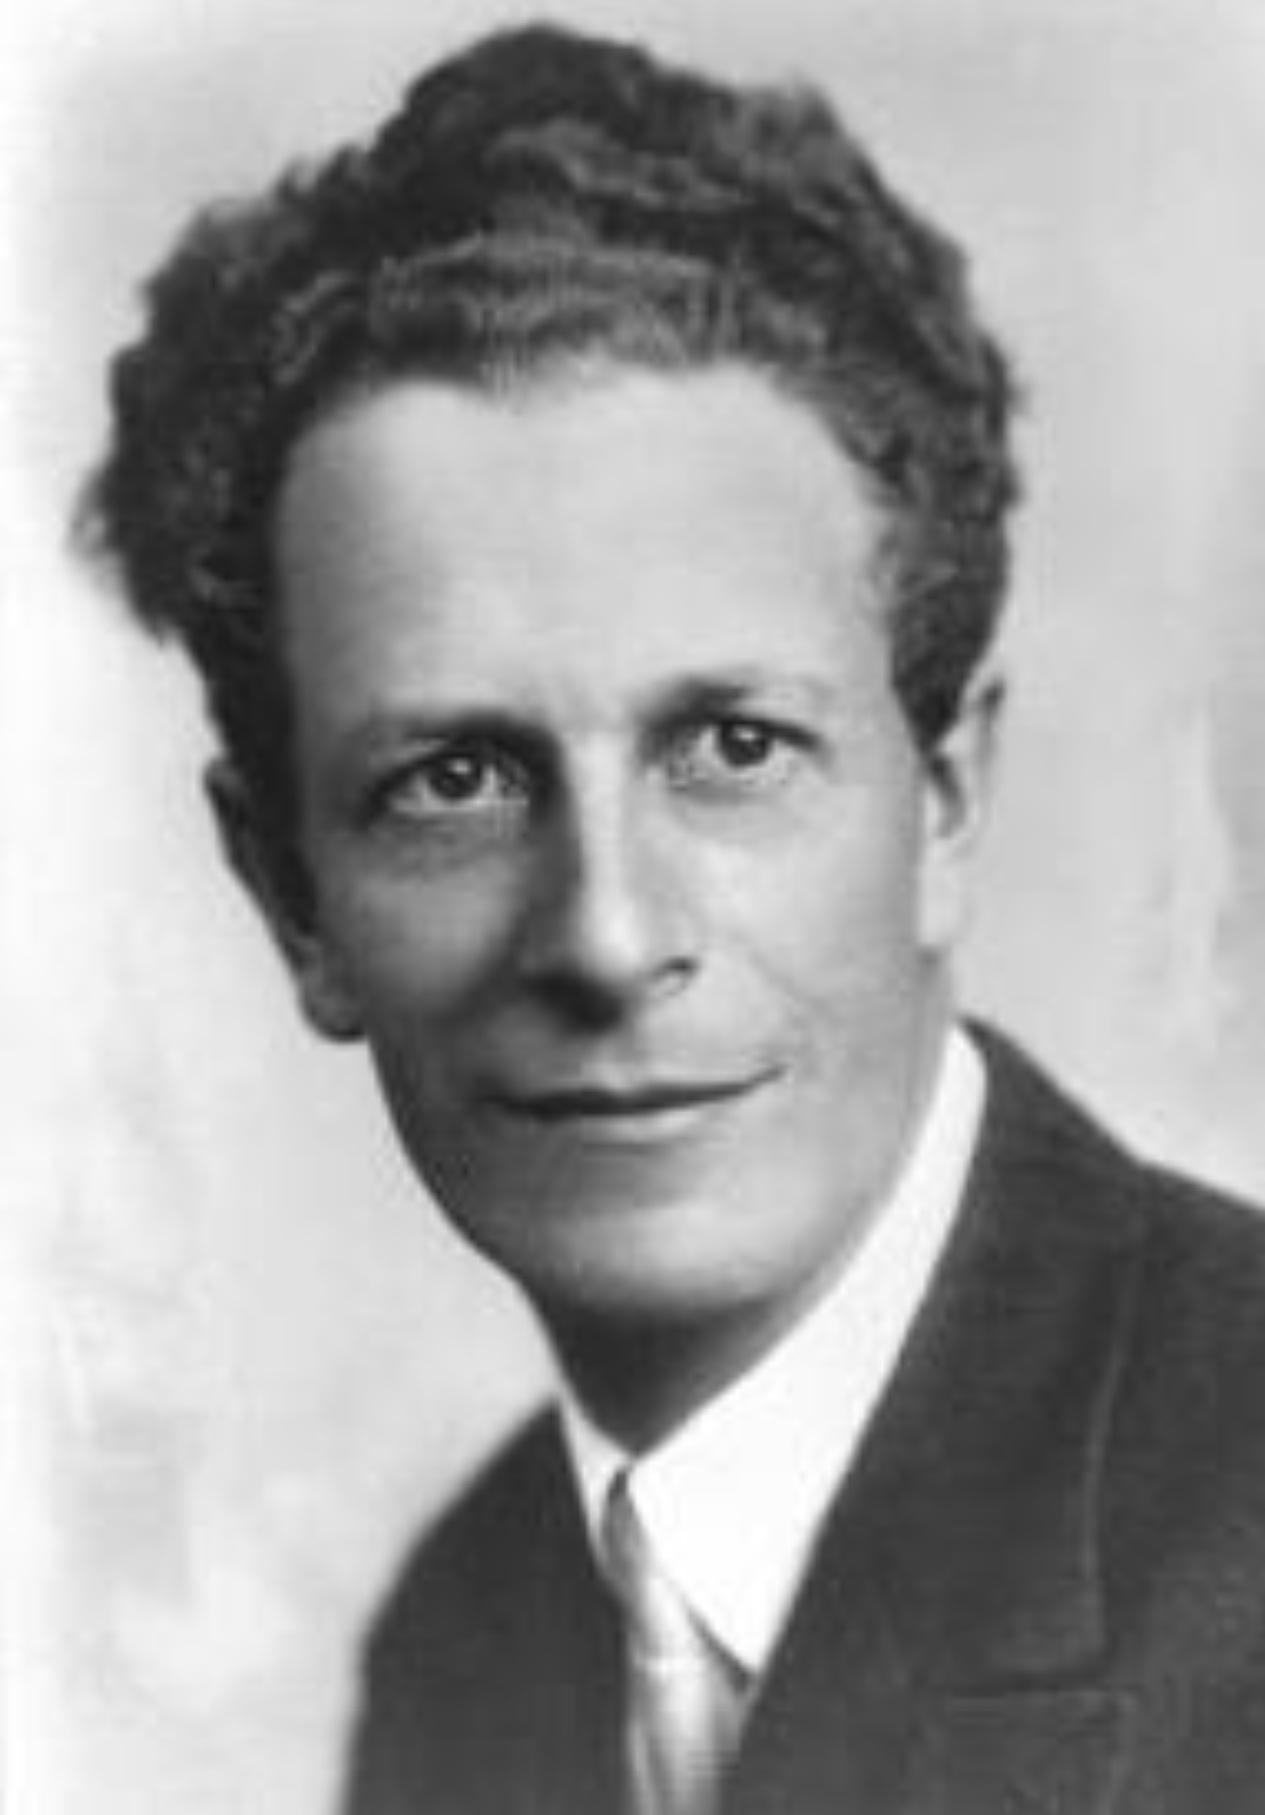 Frank MARTIN dans les années 1930, Photo Julien, Genève, Cliquer sur la photo pour une vue agrandie et les références